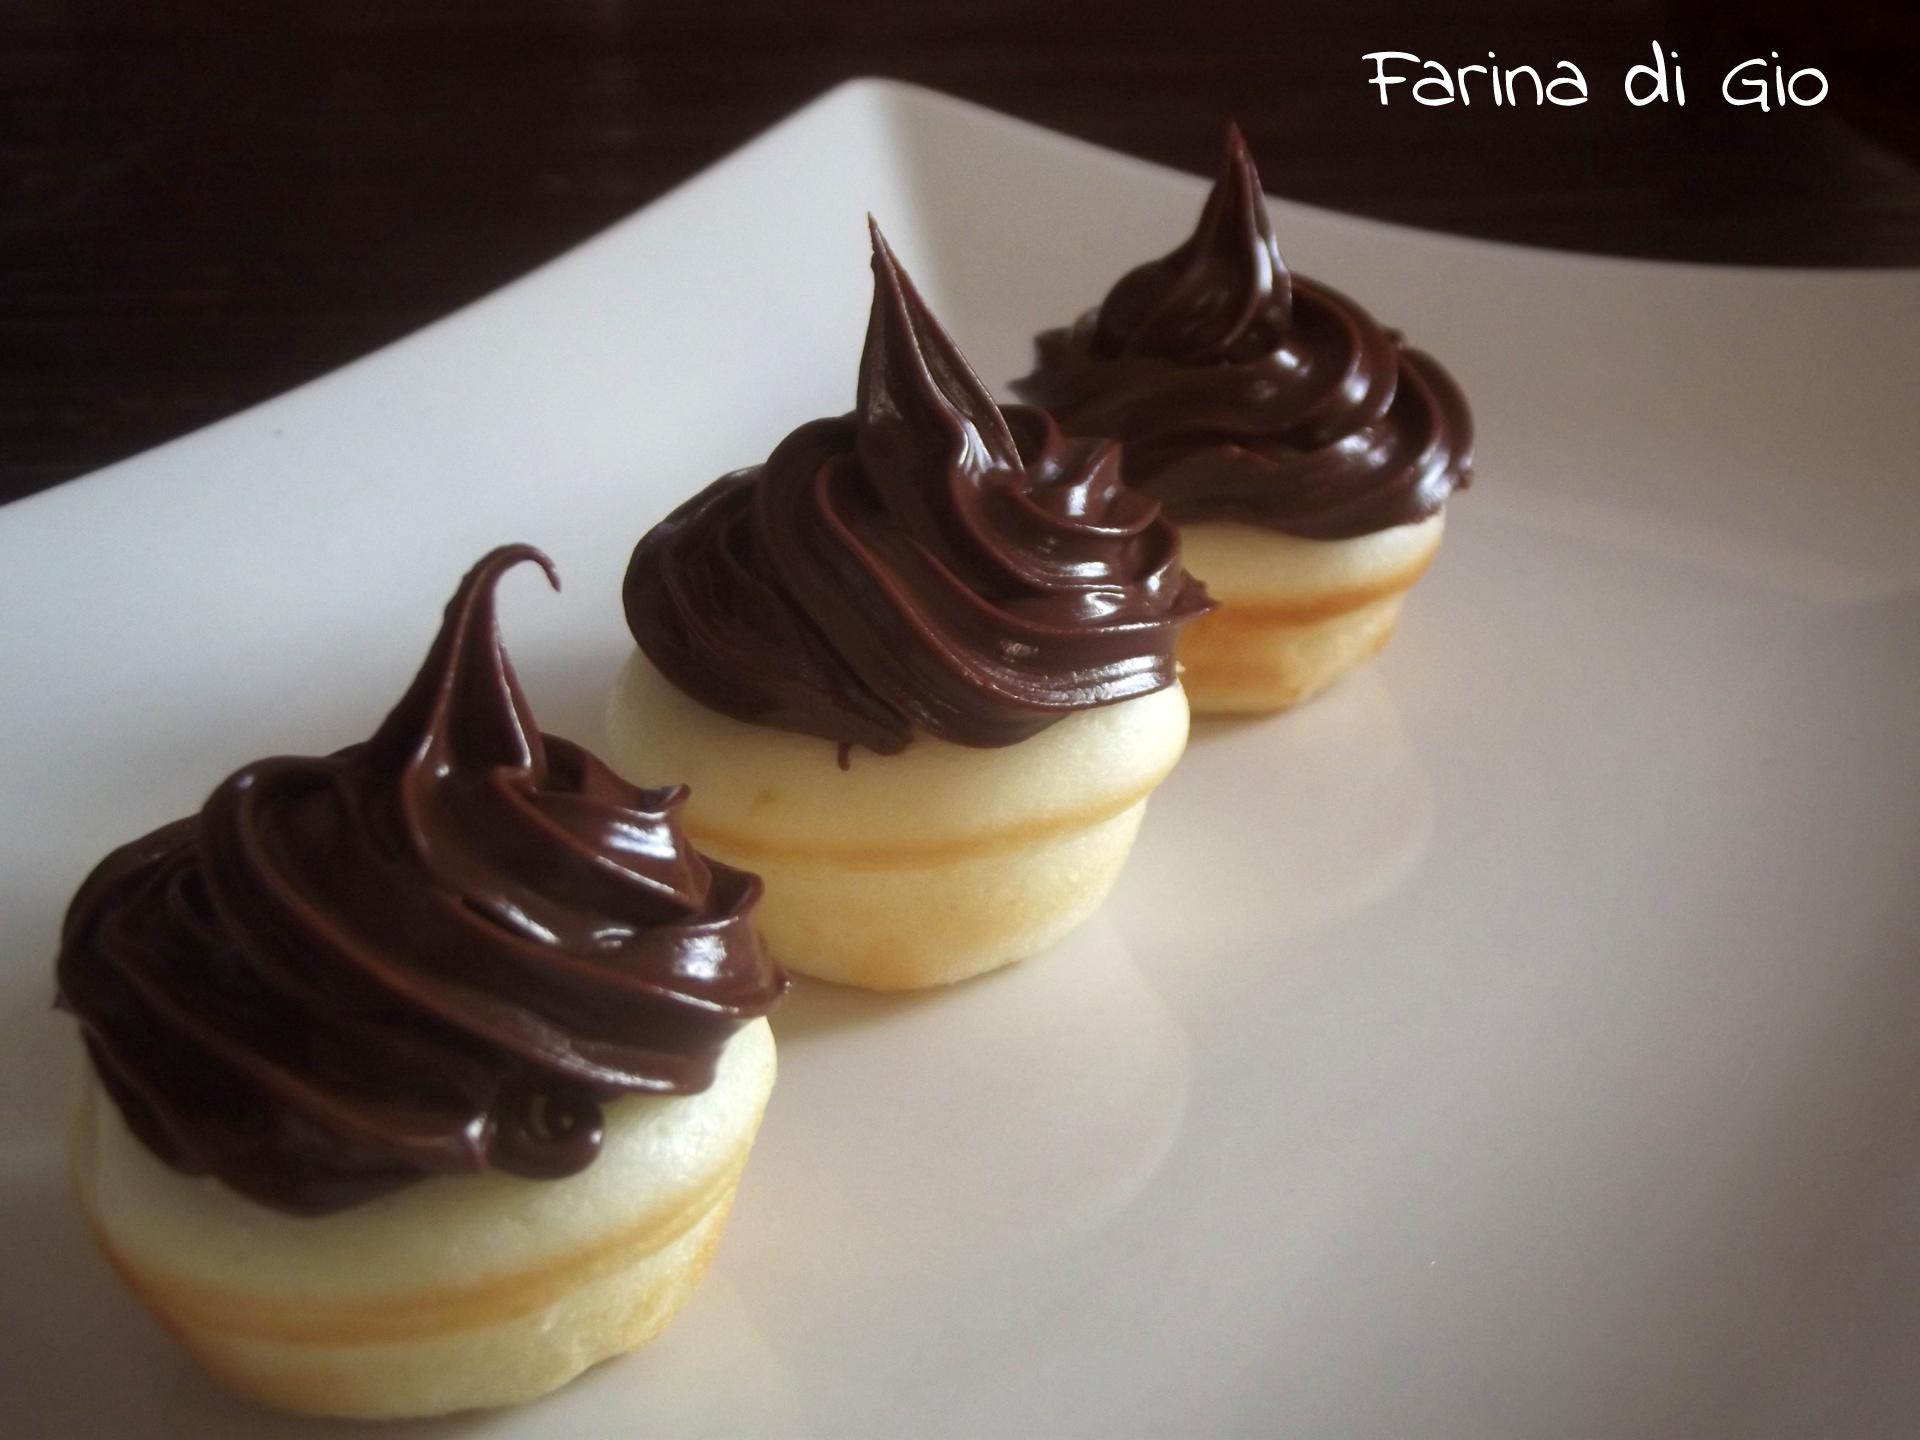 cupcake senza glutine con macchina per cupcakes